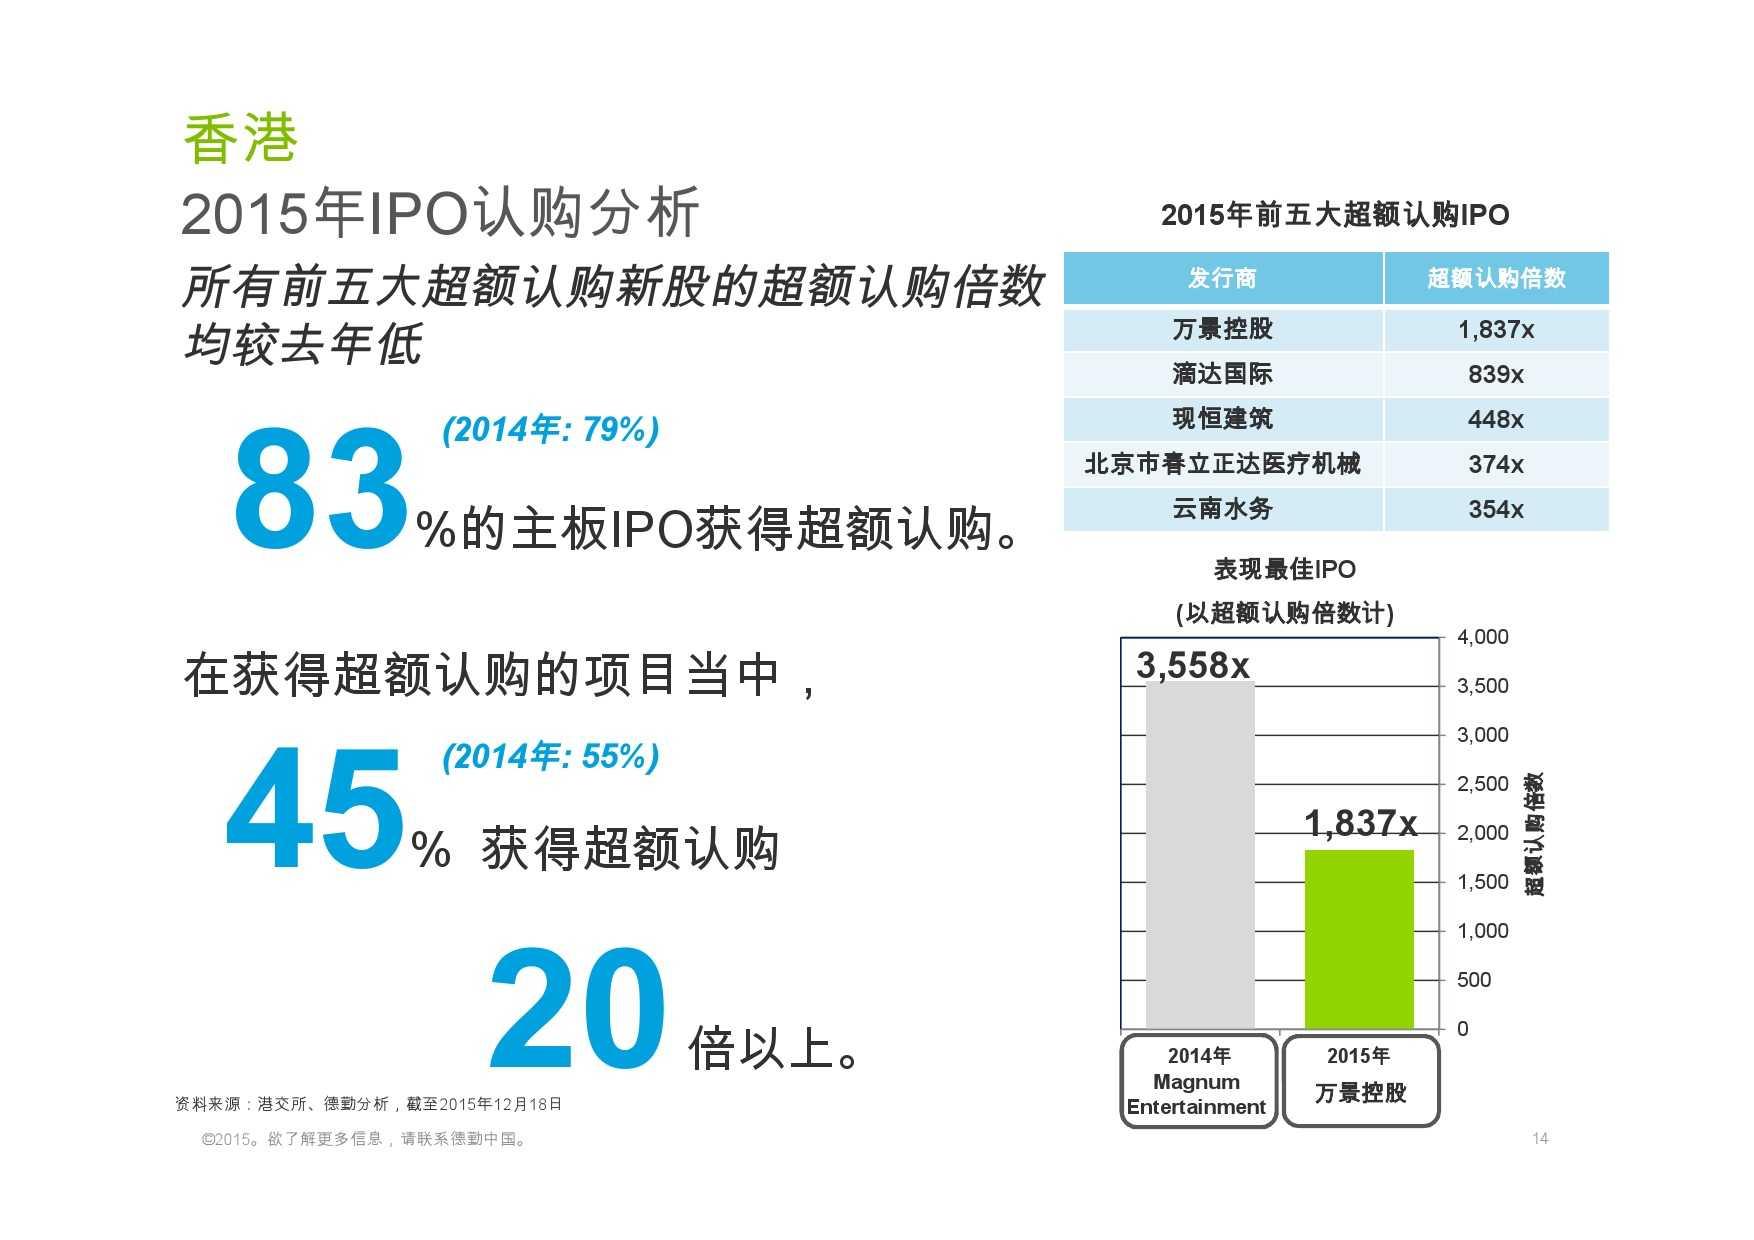 德勤:香港及中国大陆IPO巿场2015年回顾与2016年展望_000014